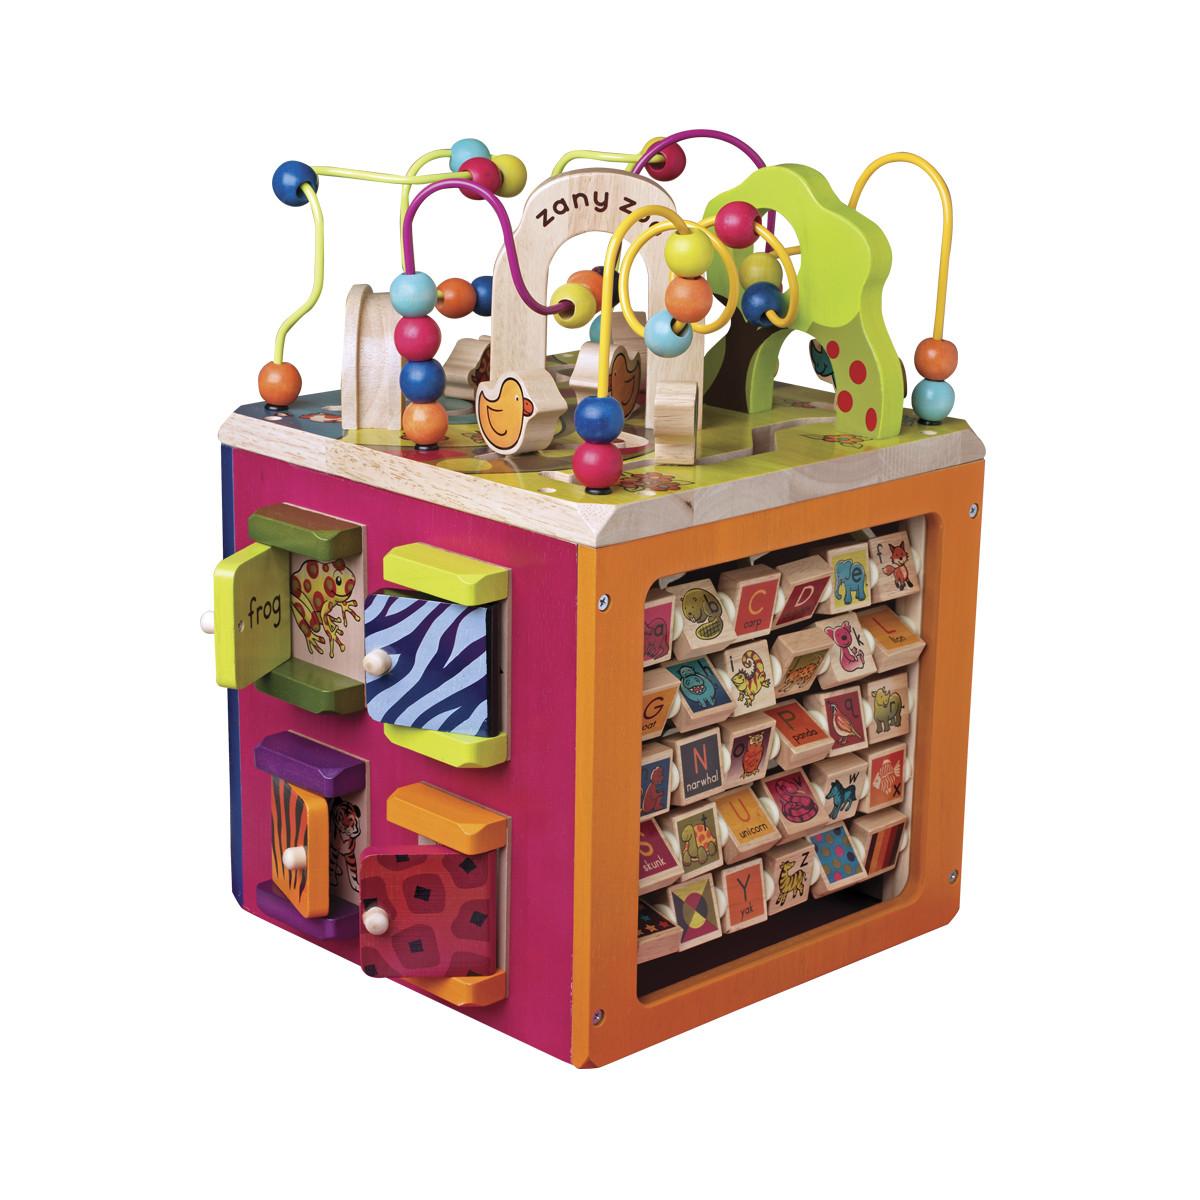 Развивающая деревянная игрушка - ЗОО-КУБ (размер 34х30х45 см), BX1004X